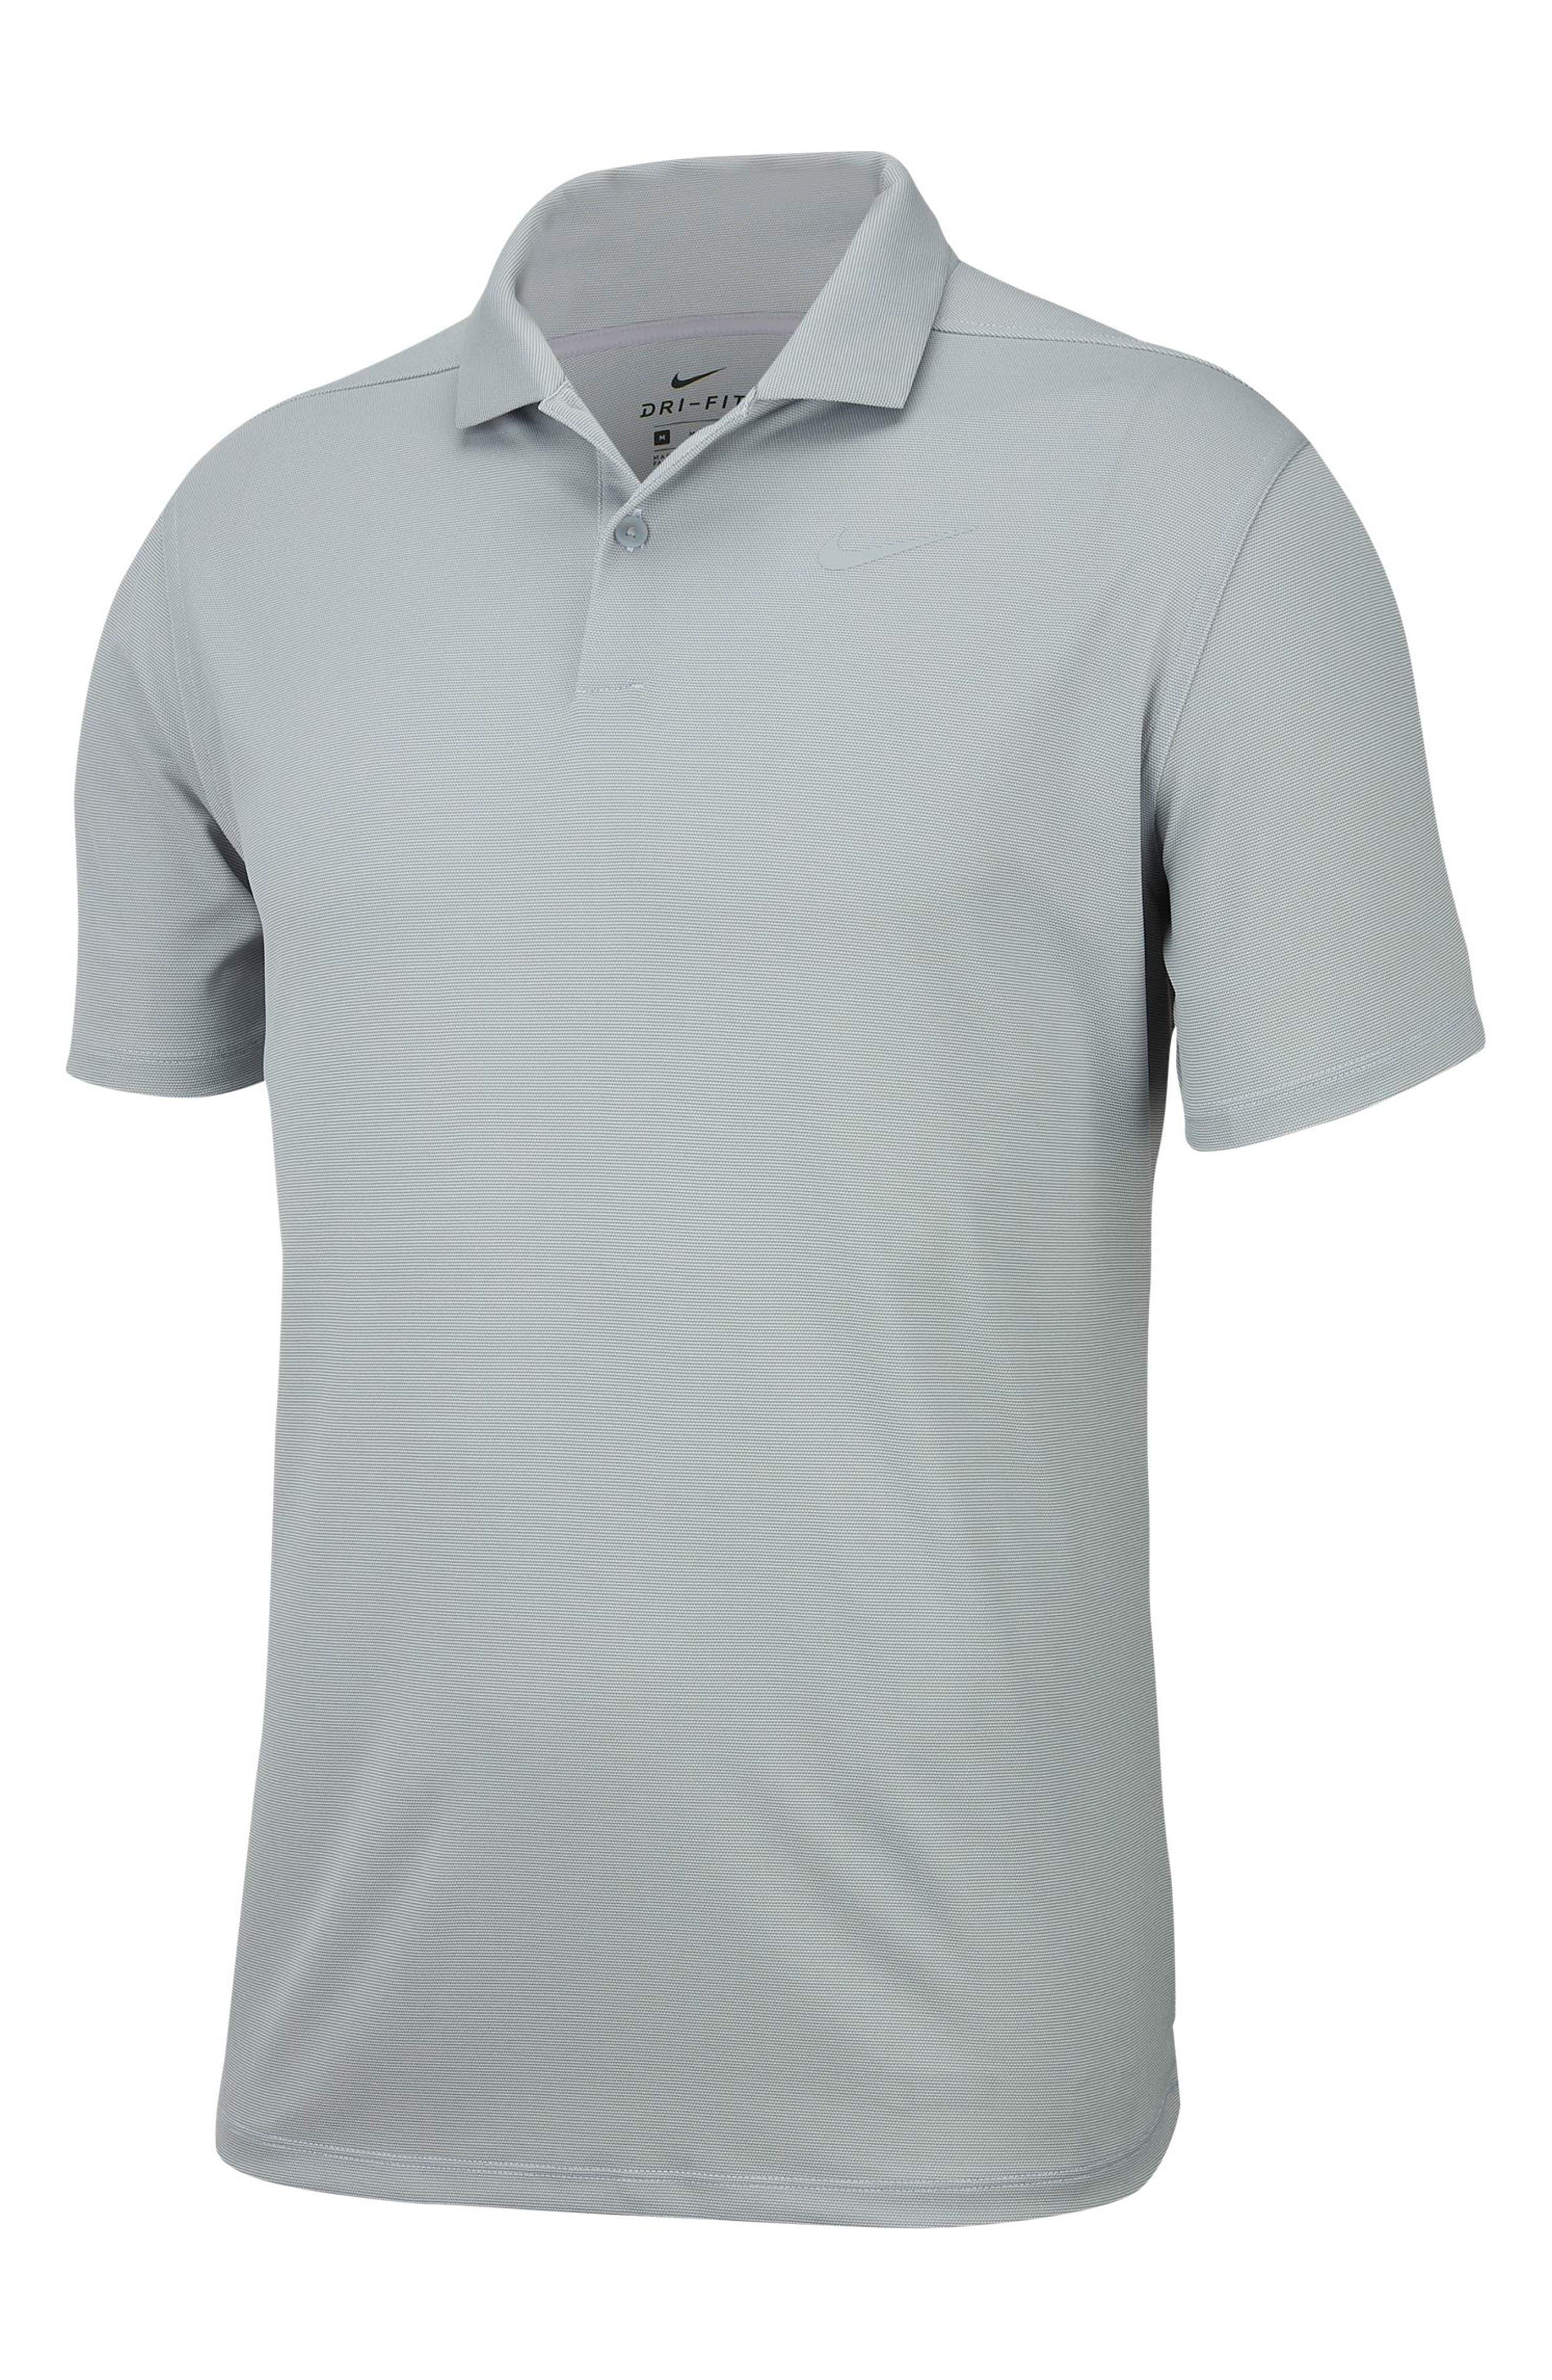 bdb7440767 nike polo shirts | Nordstrom